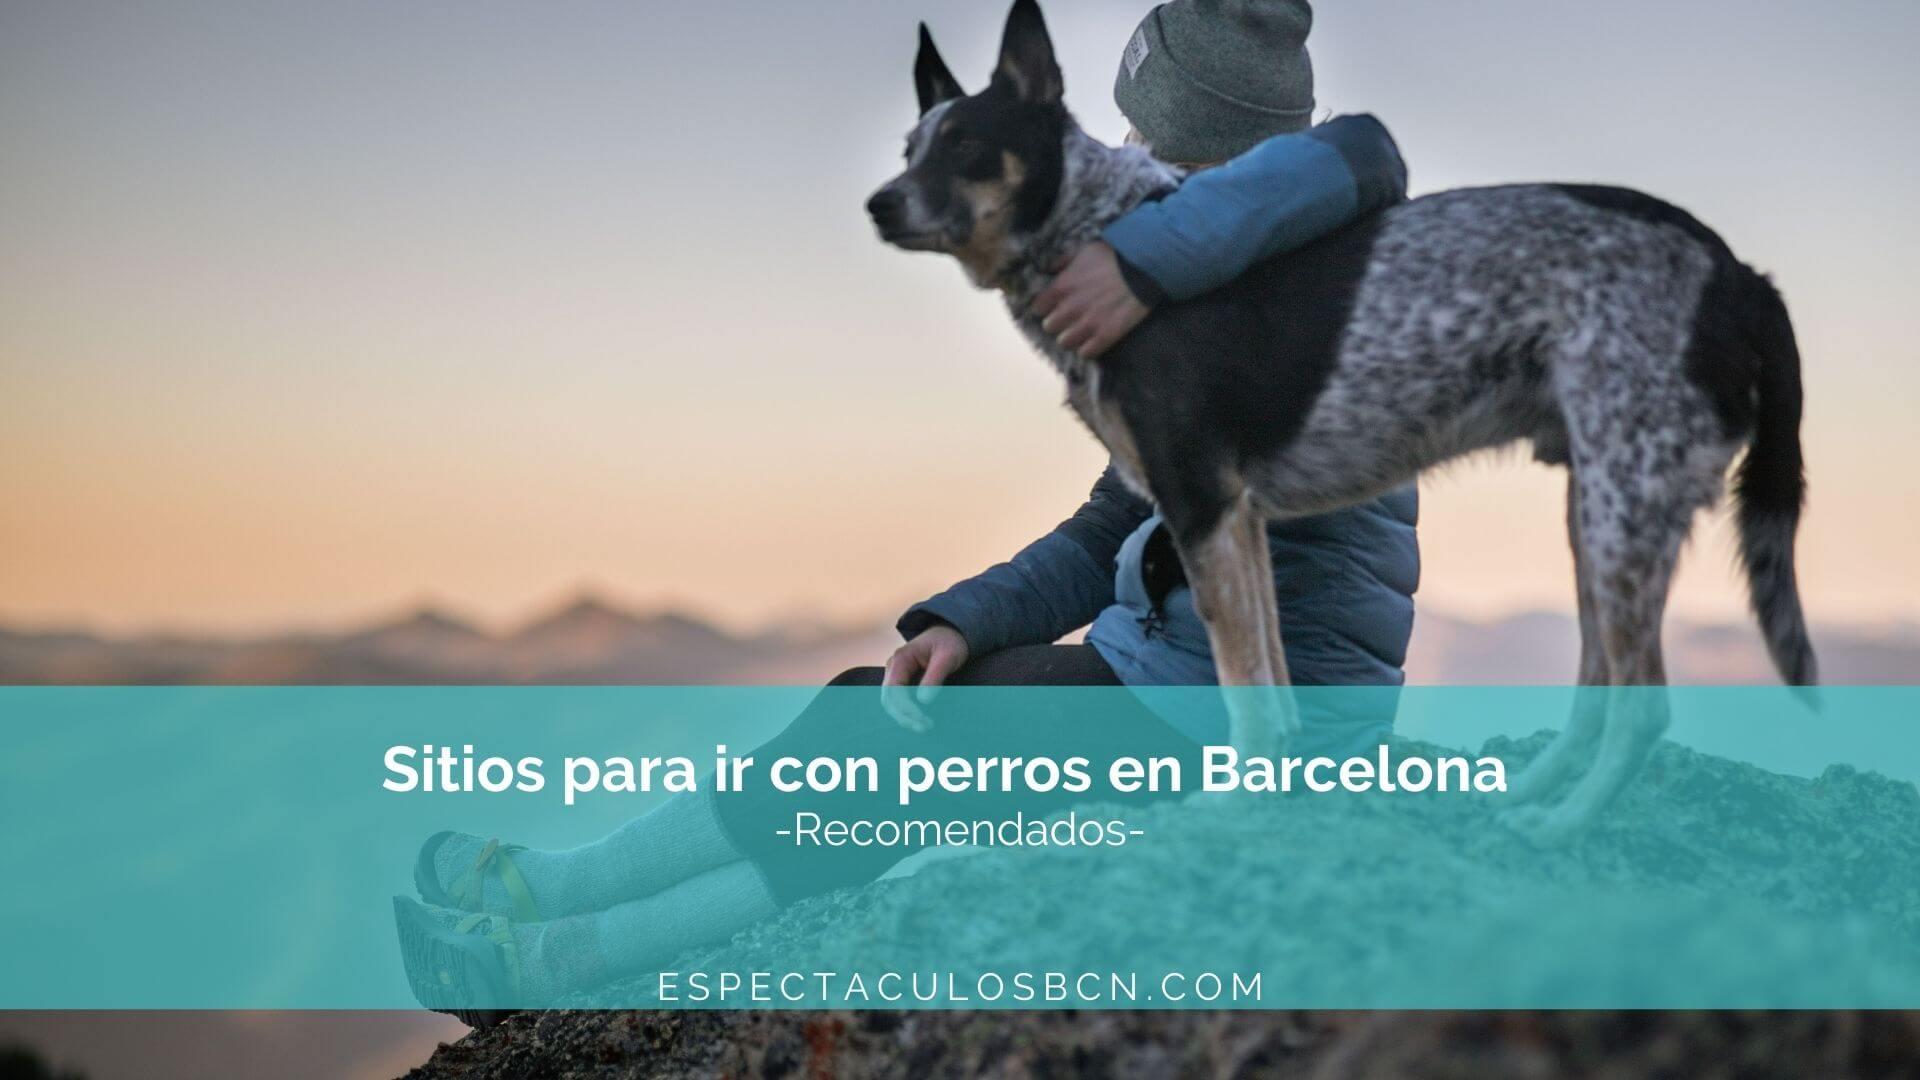 barcelona con perros